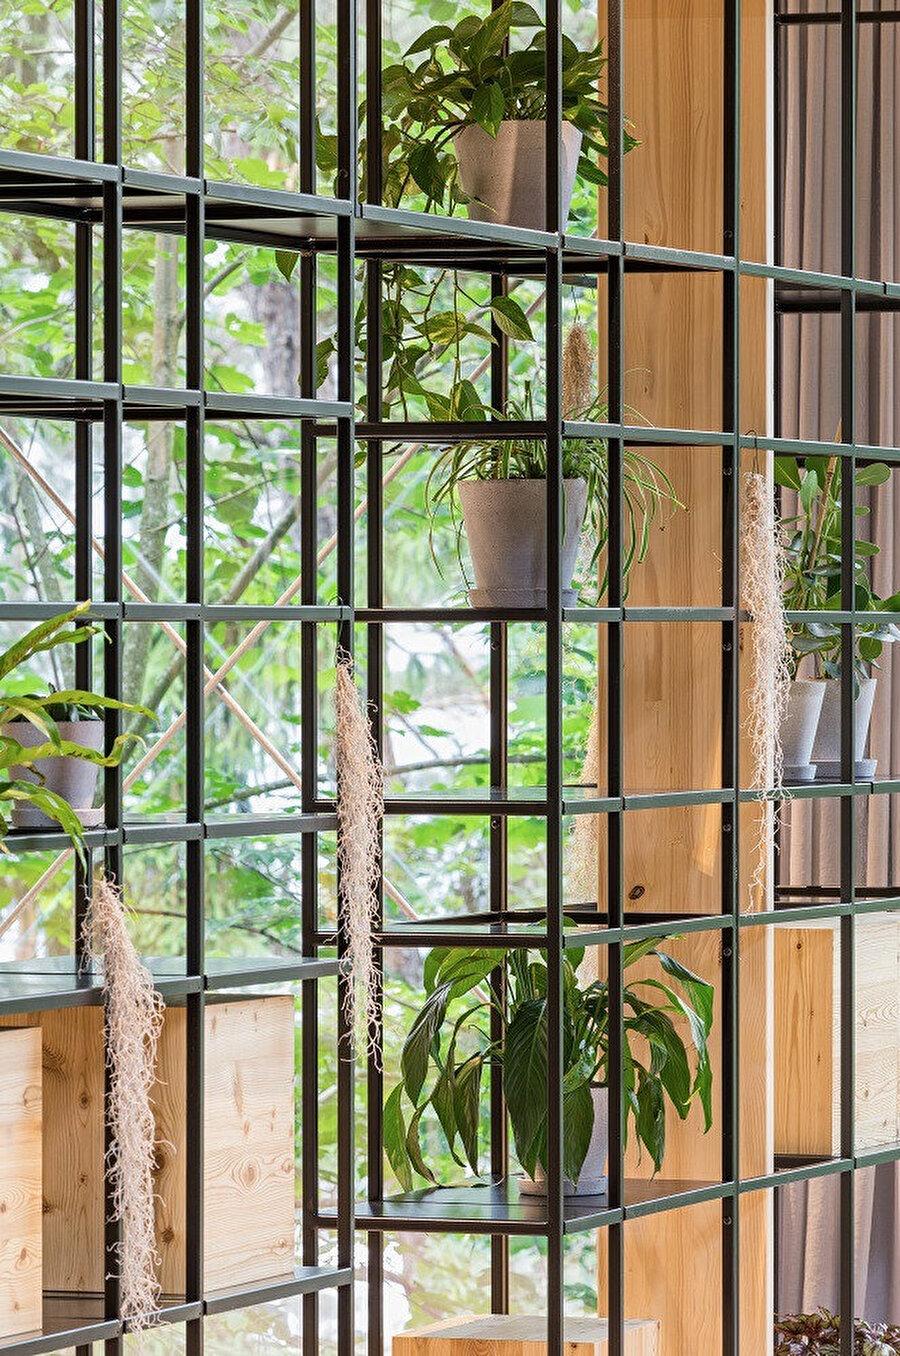 Bitkilerle doldurulan raflar, görsel açıdan projeye katkı sağlıyor.